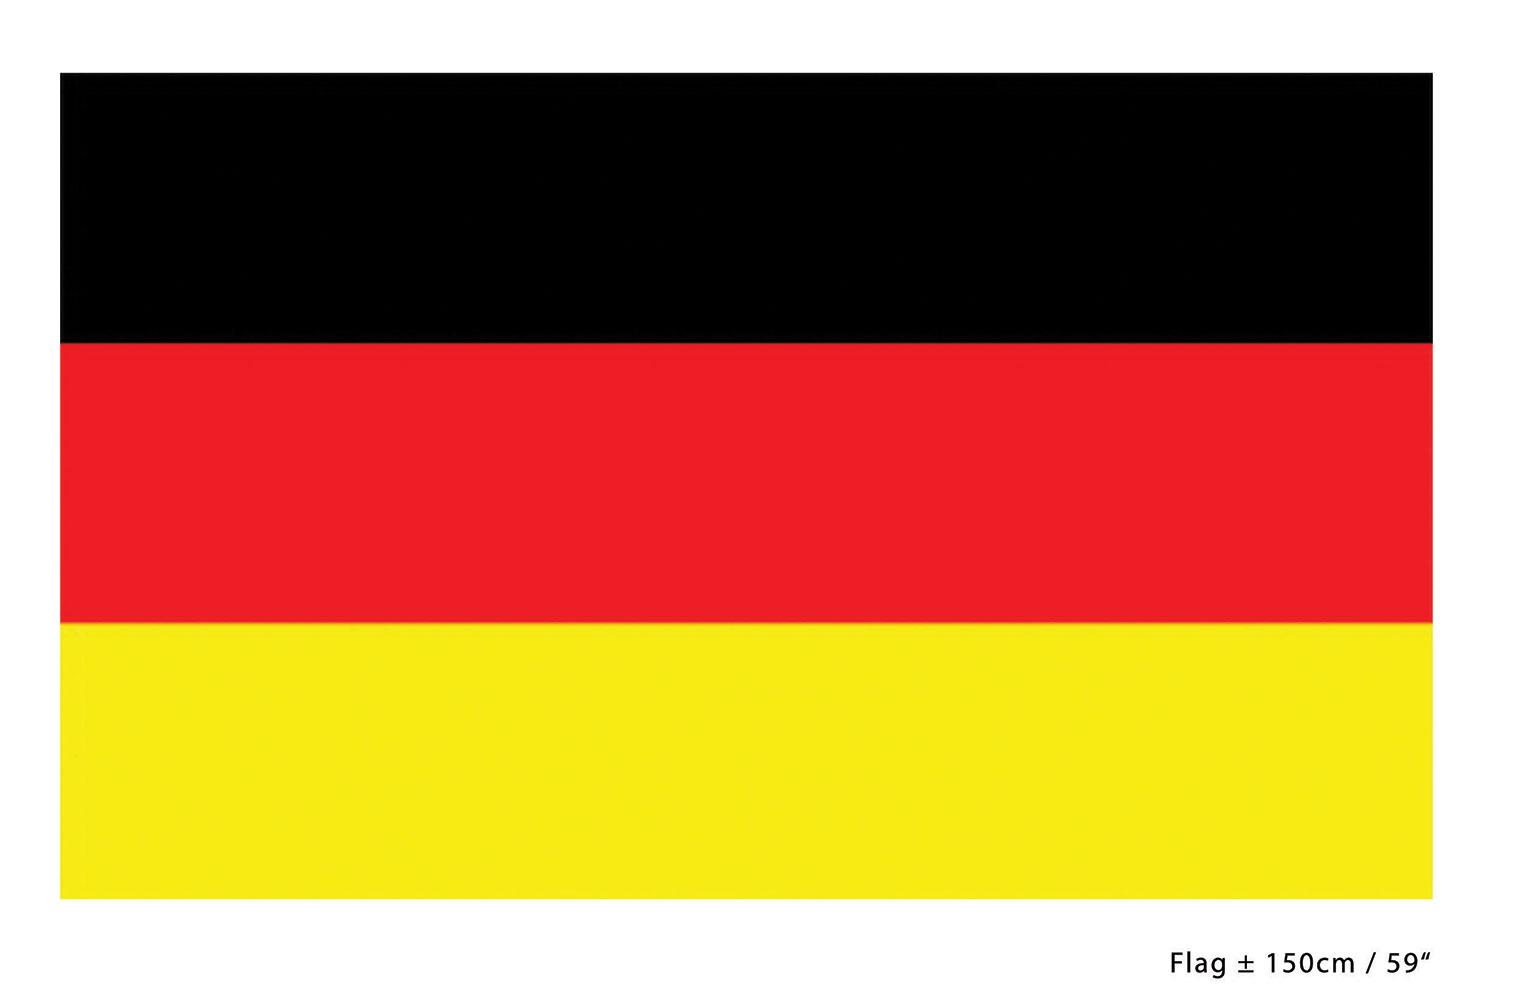 deutschland fahne flagge 90 x 150 cm fan artikel schwarz rot gold fu ball wm k kaufen bei kl. Black Bedroom Furniture Sets. Home Design Ideas